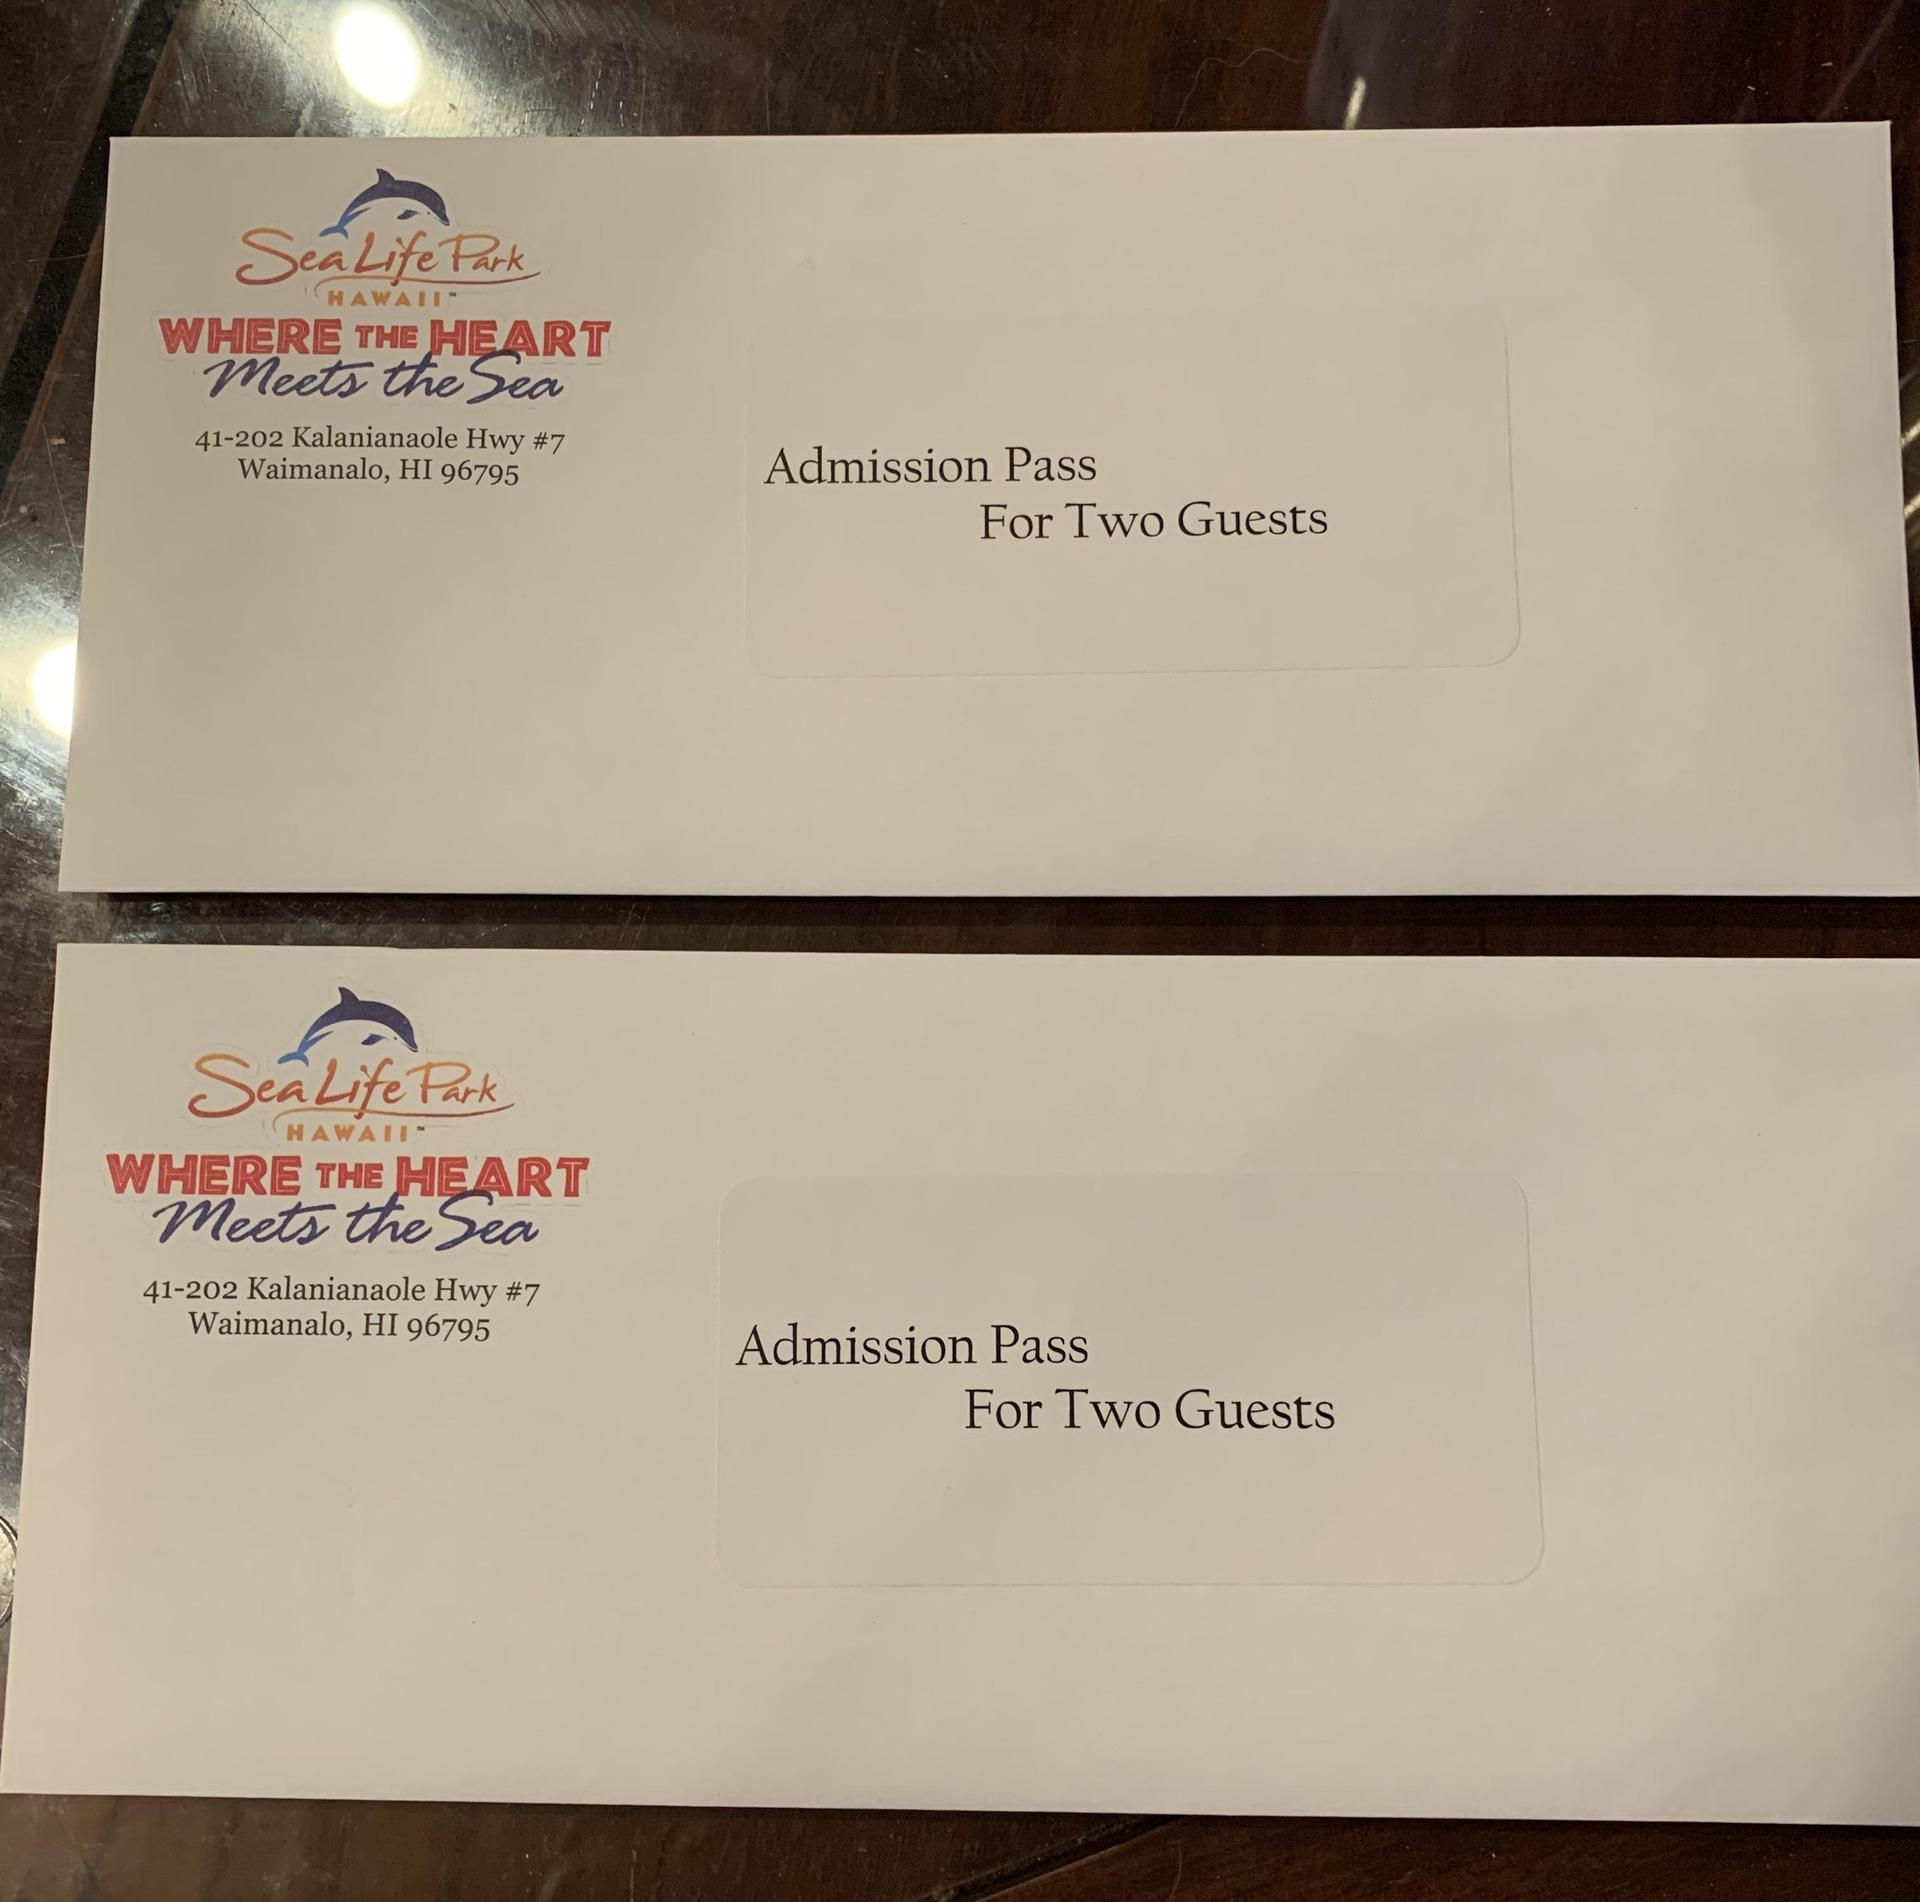 Sea Life Park Certificates